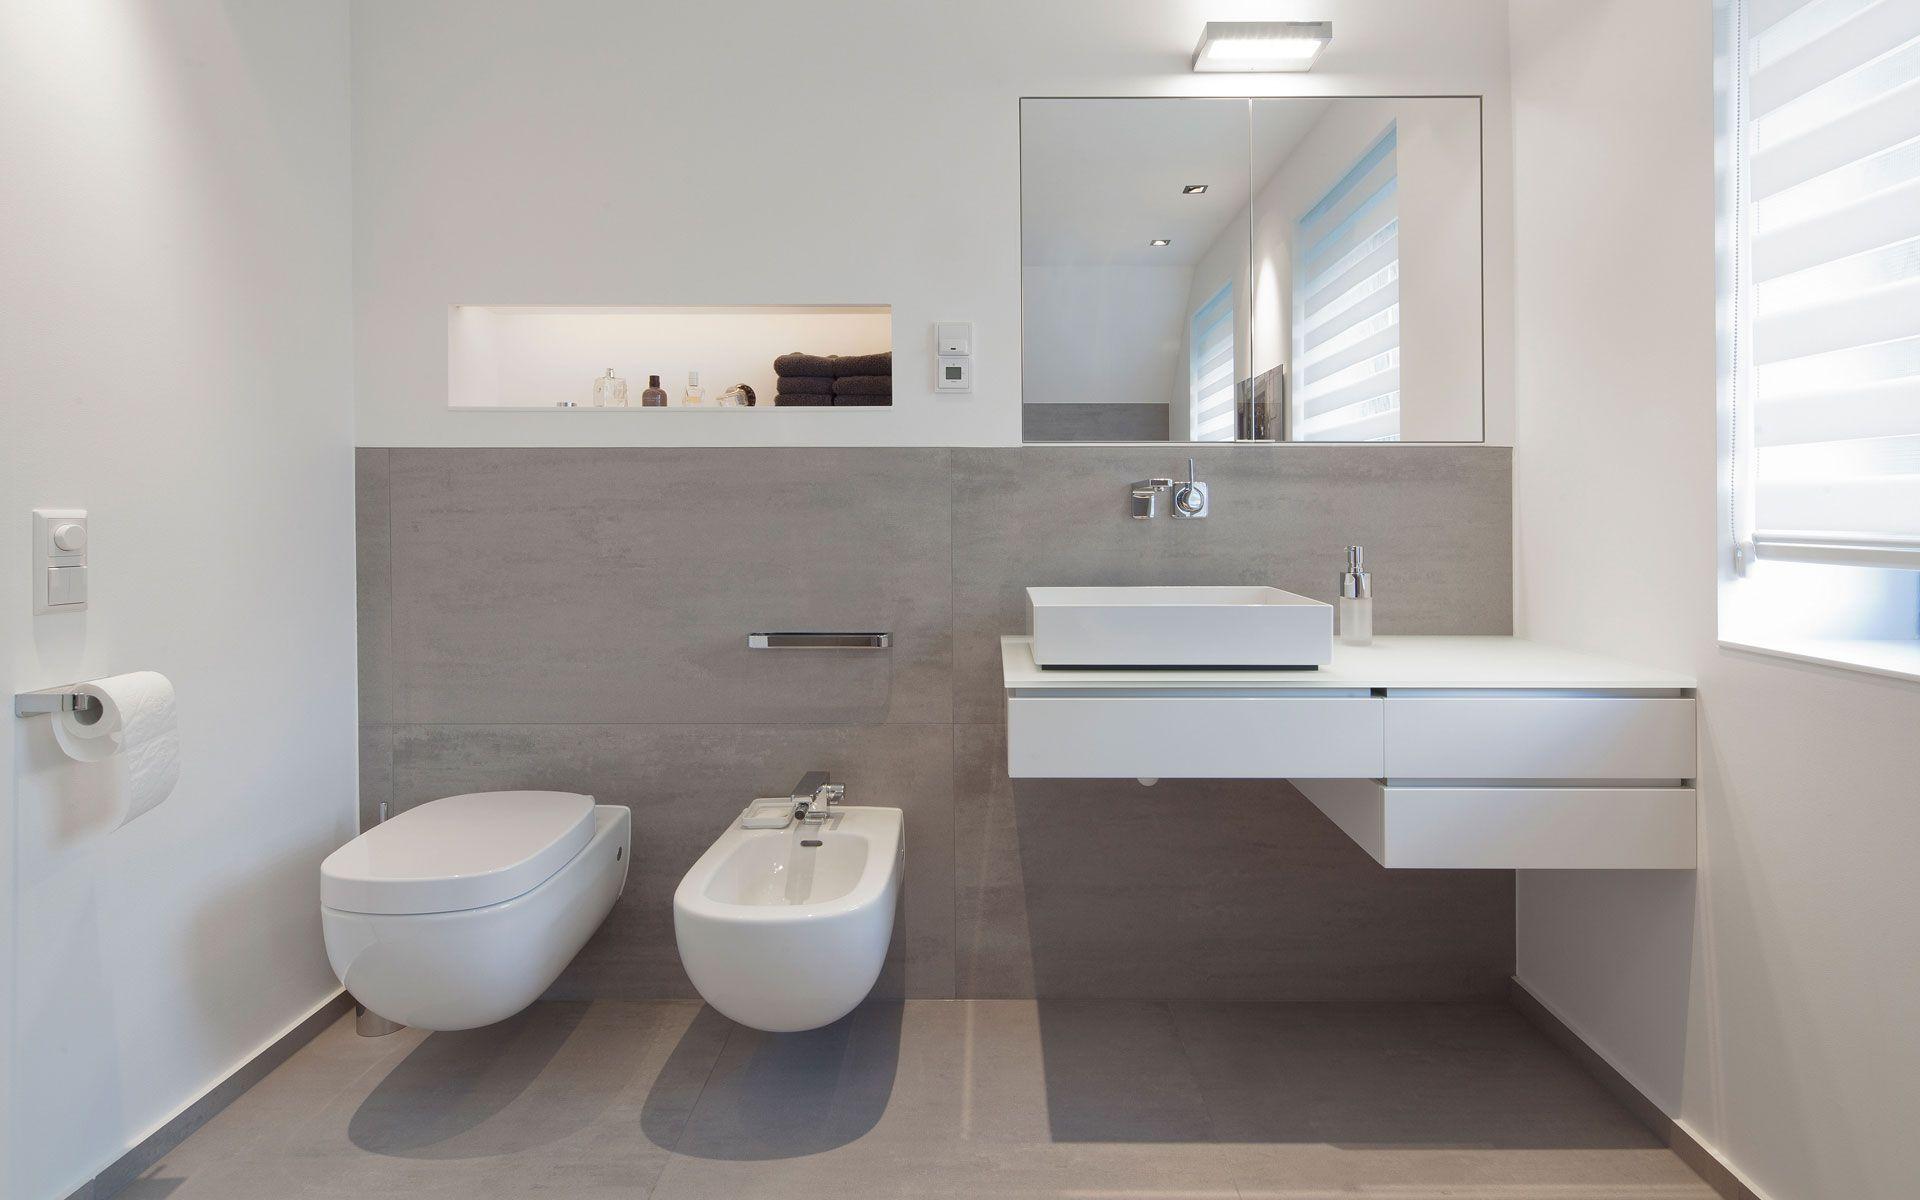 Badezimmer Modern Weiss Wohnzimmer Wandgestaltung Streichen